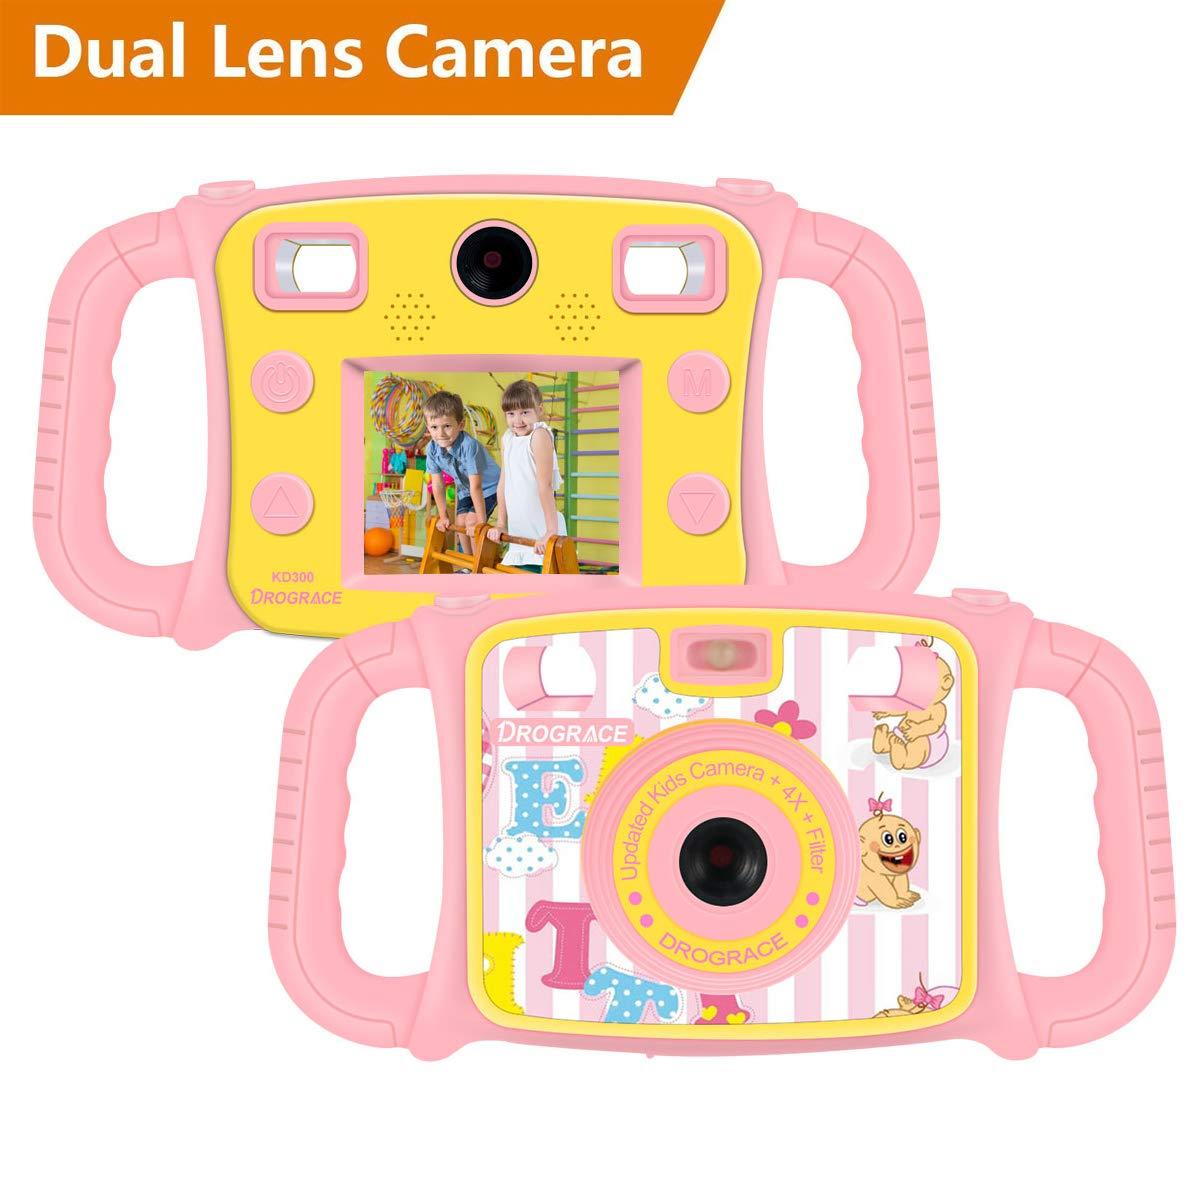 DROGRACE Enfant Appareil Photo Numé rique Camé ra avec Double Objectif 1080P HD Selfie Camera avec 4 x Zoom, Flash Lights, 2 Pouces LCD et Poigné es pour Cadeau d'anniversaire de Filles et Garç ons - Pink